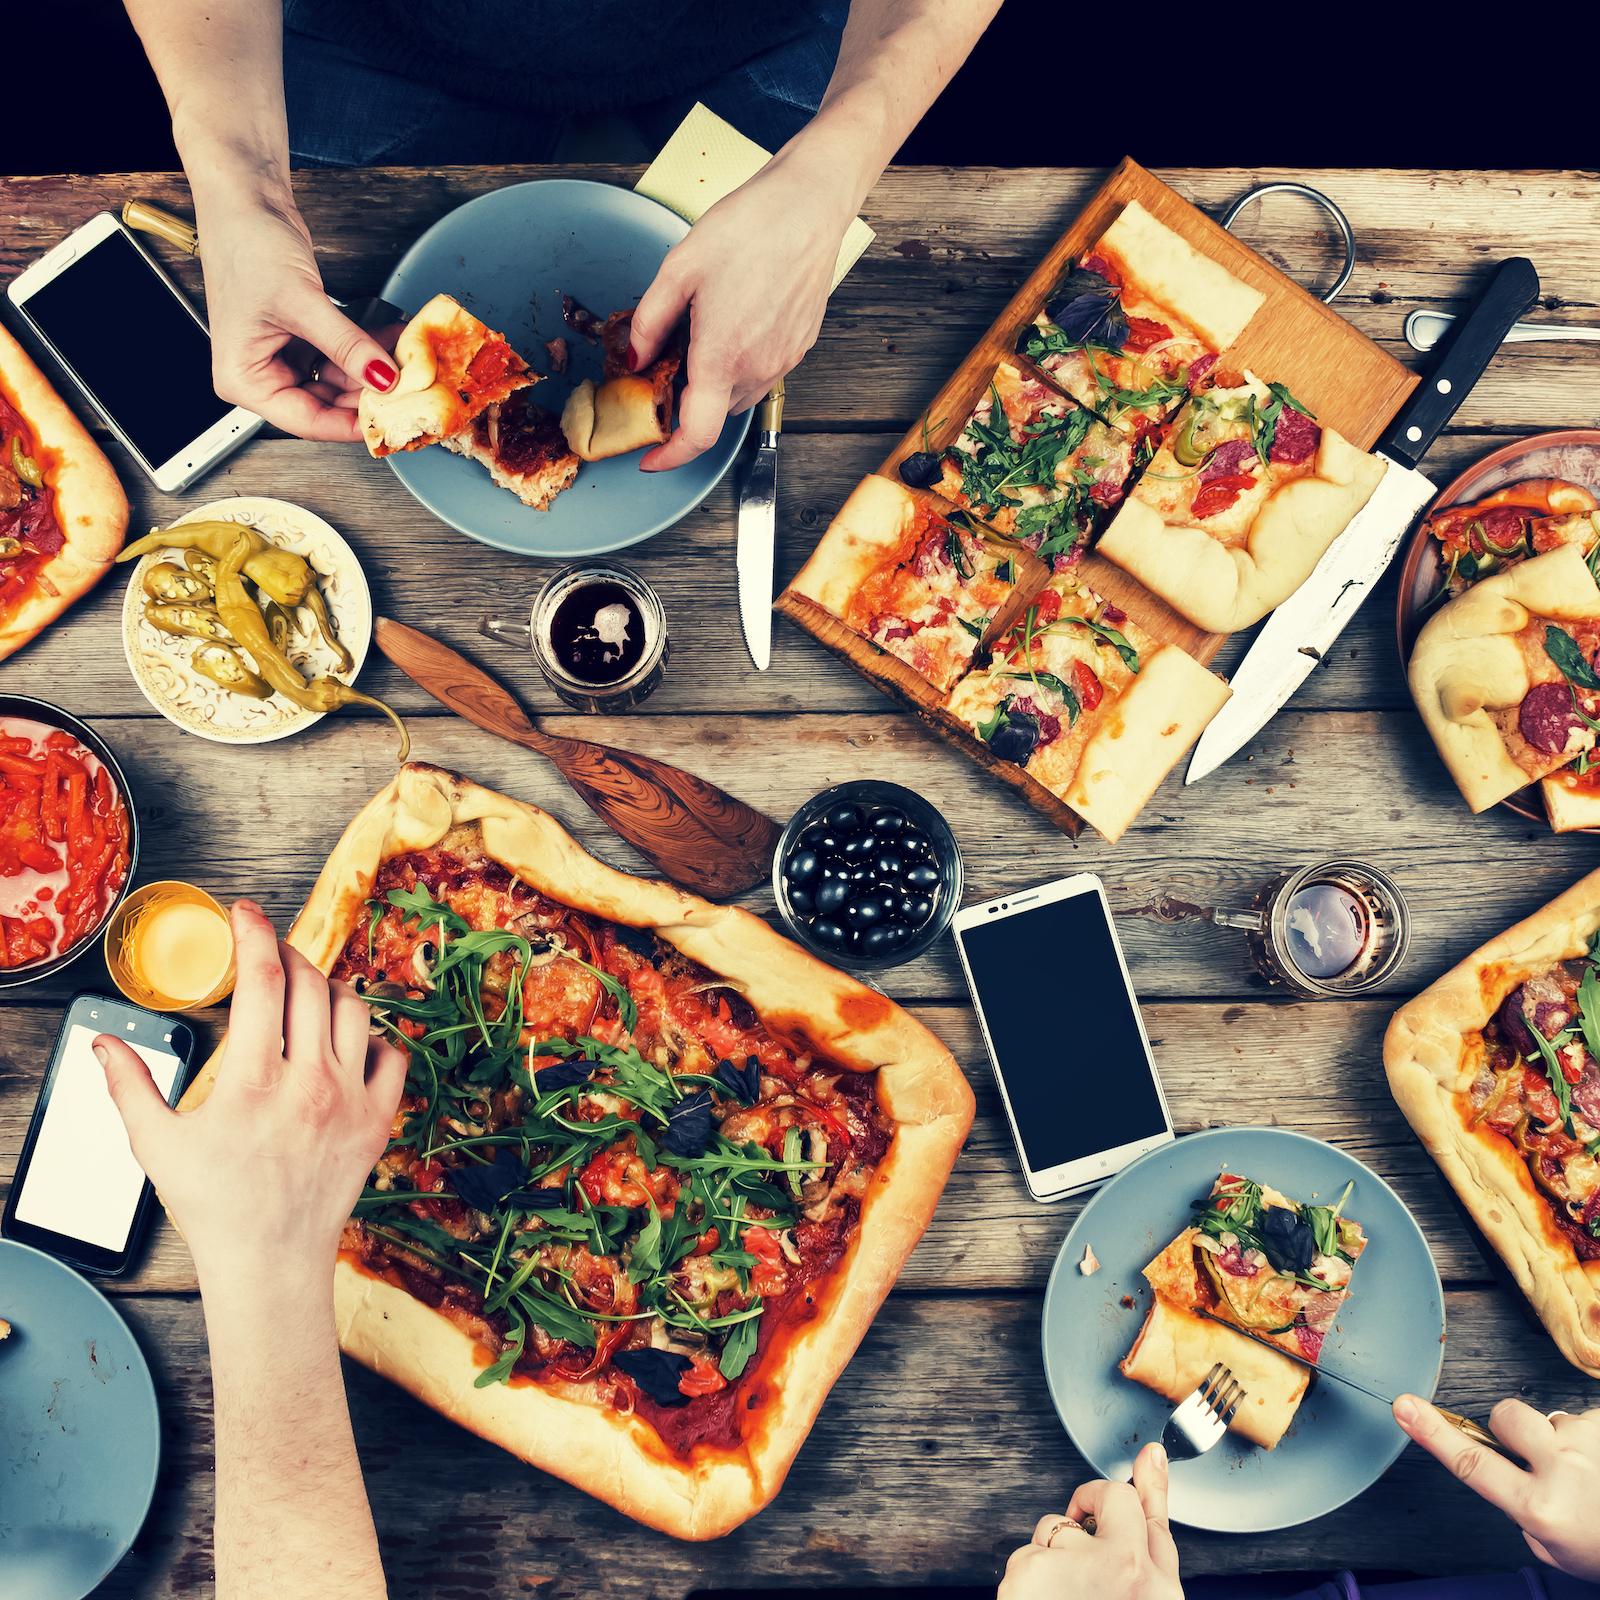 Qu'est-ce qu'on mange quand : on veut chasser sa peine d'amour